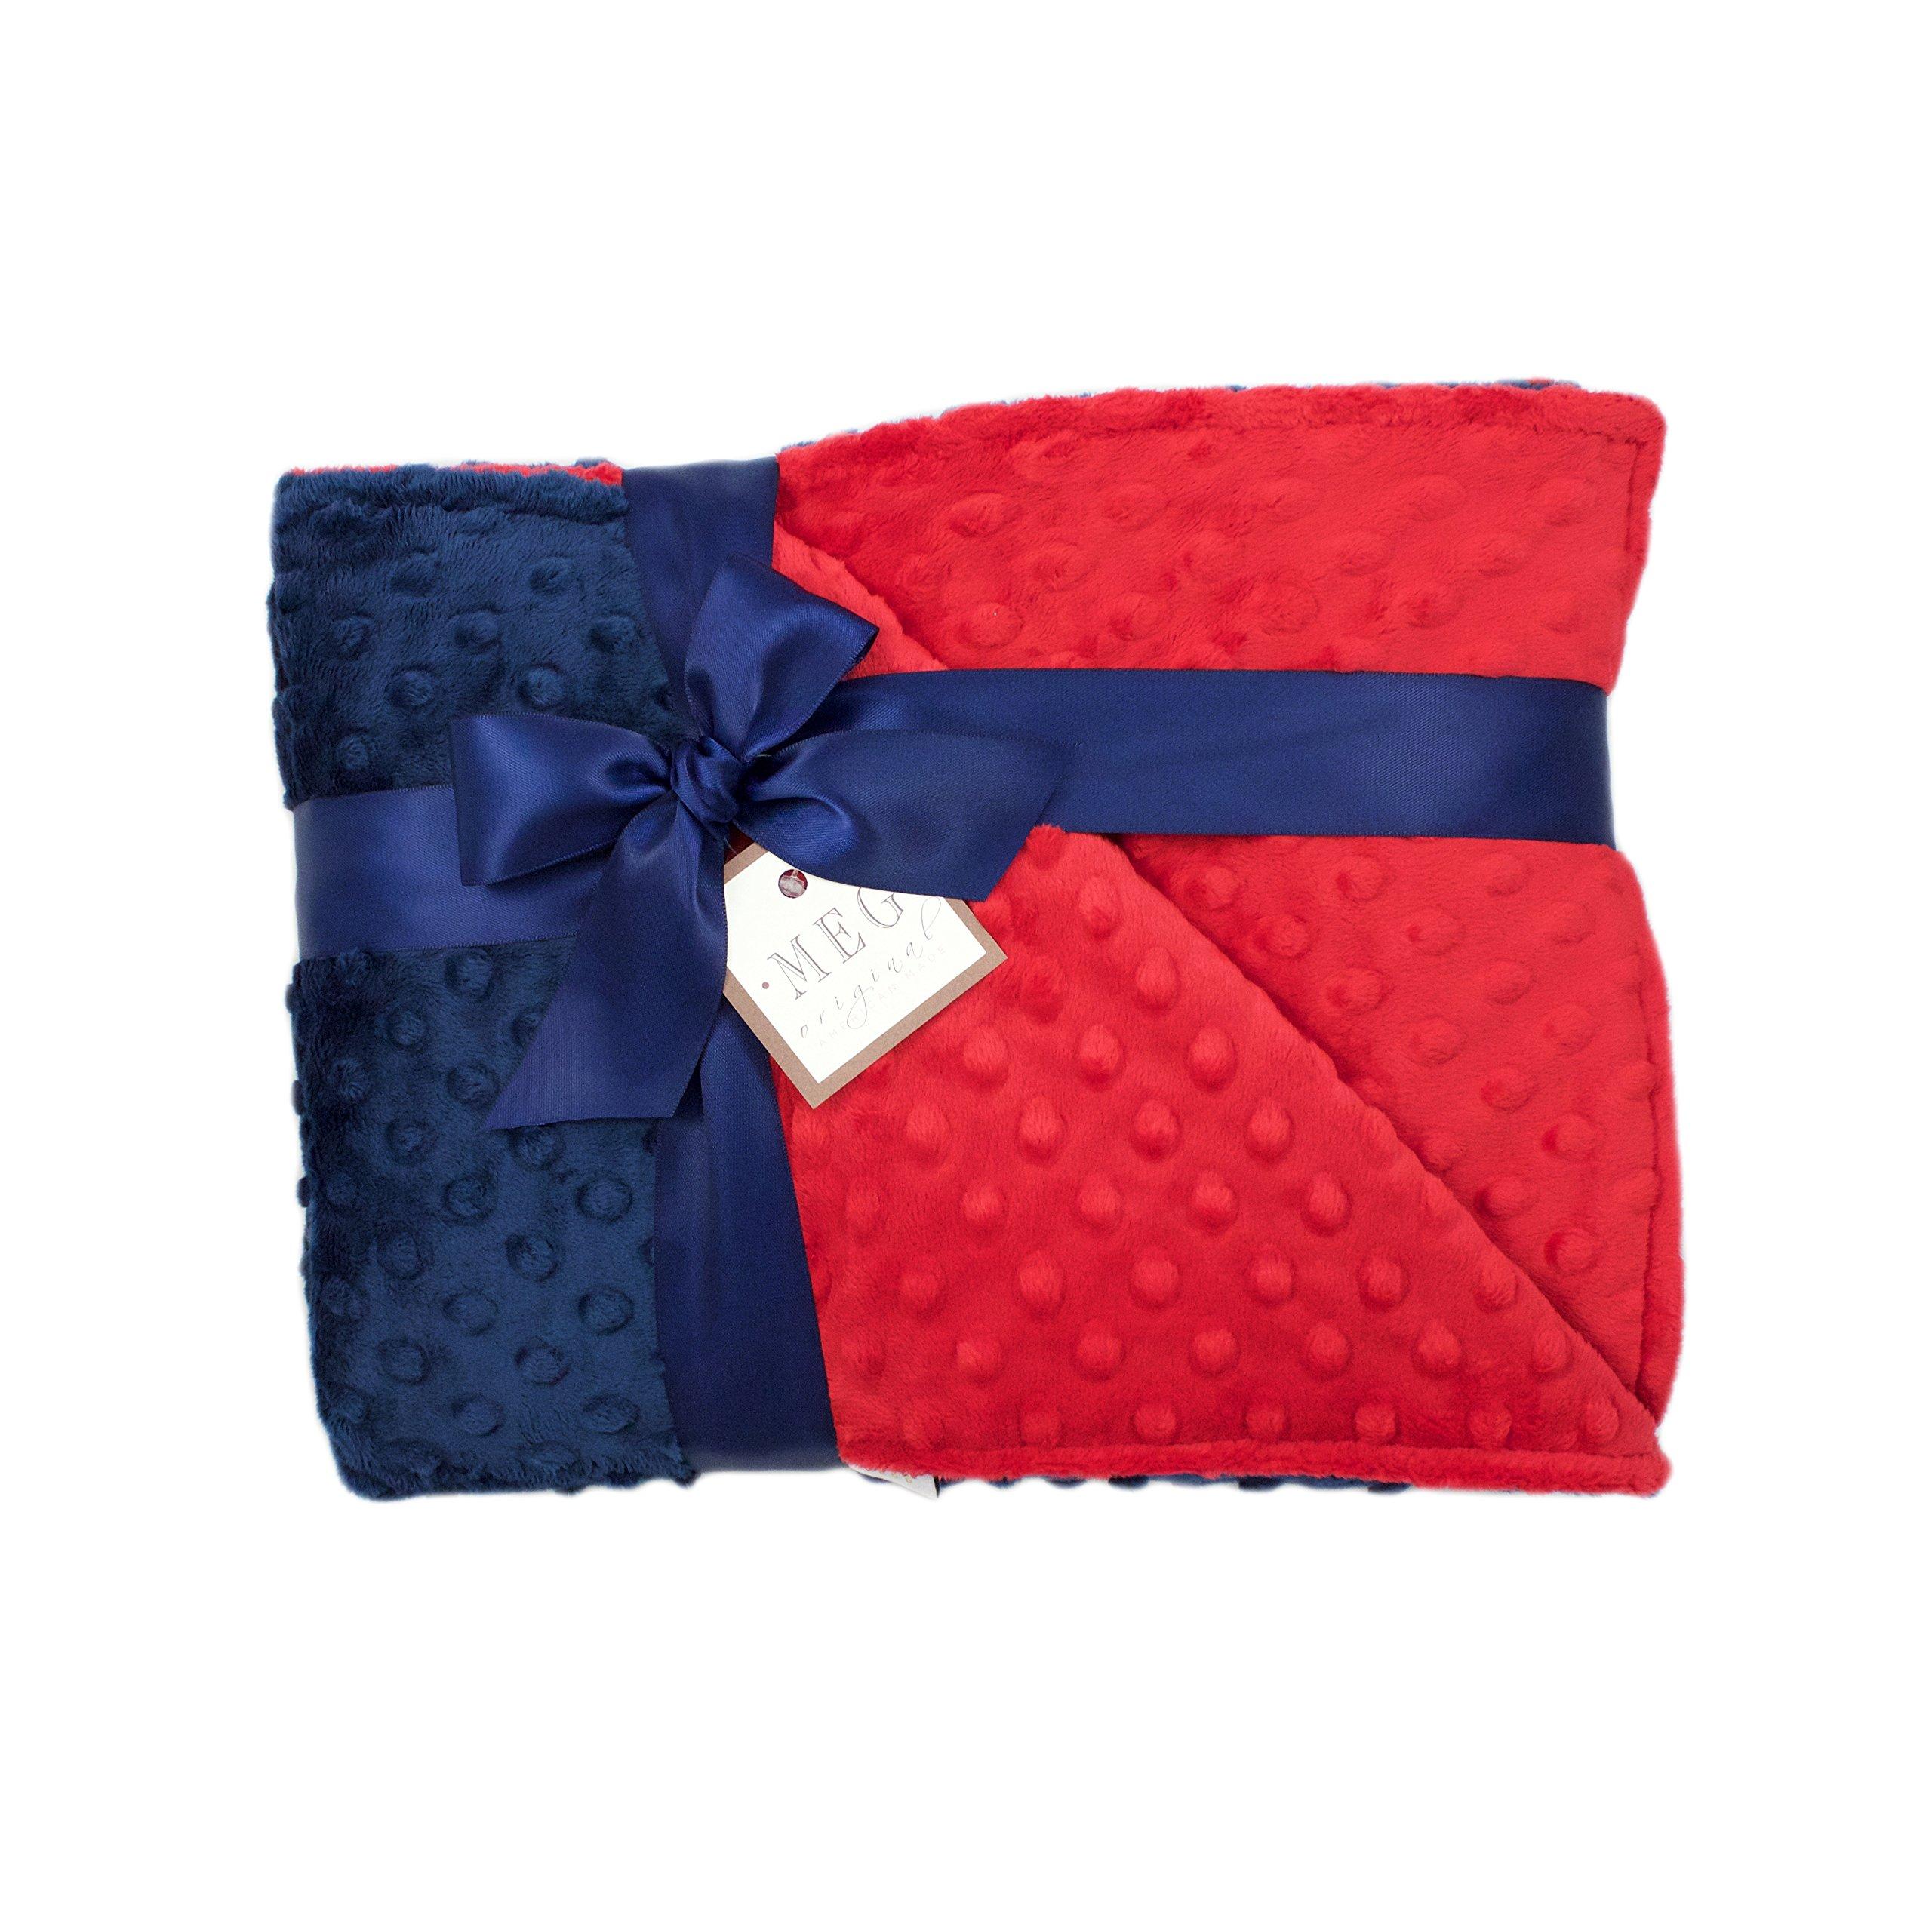 MEG Original Navy Blue & Red Baby Boy Minky Dot Crib Blanket